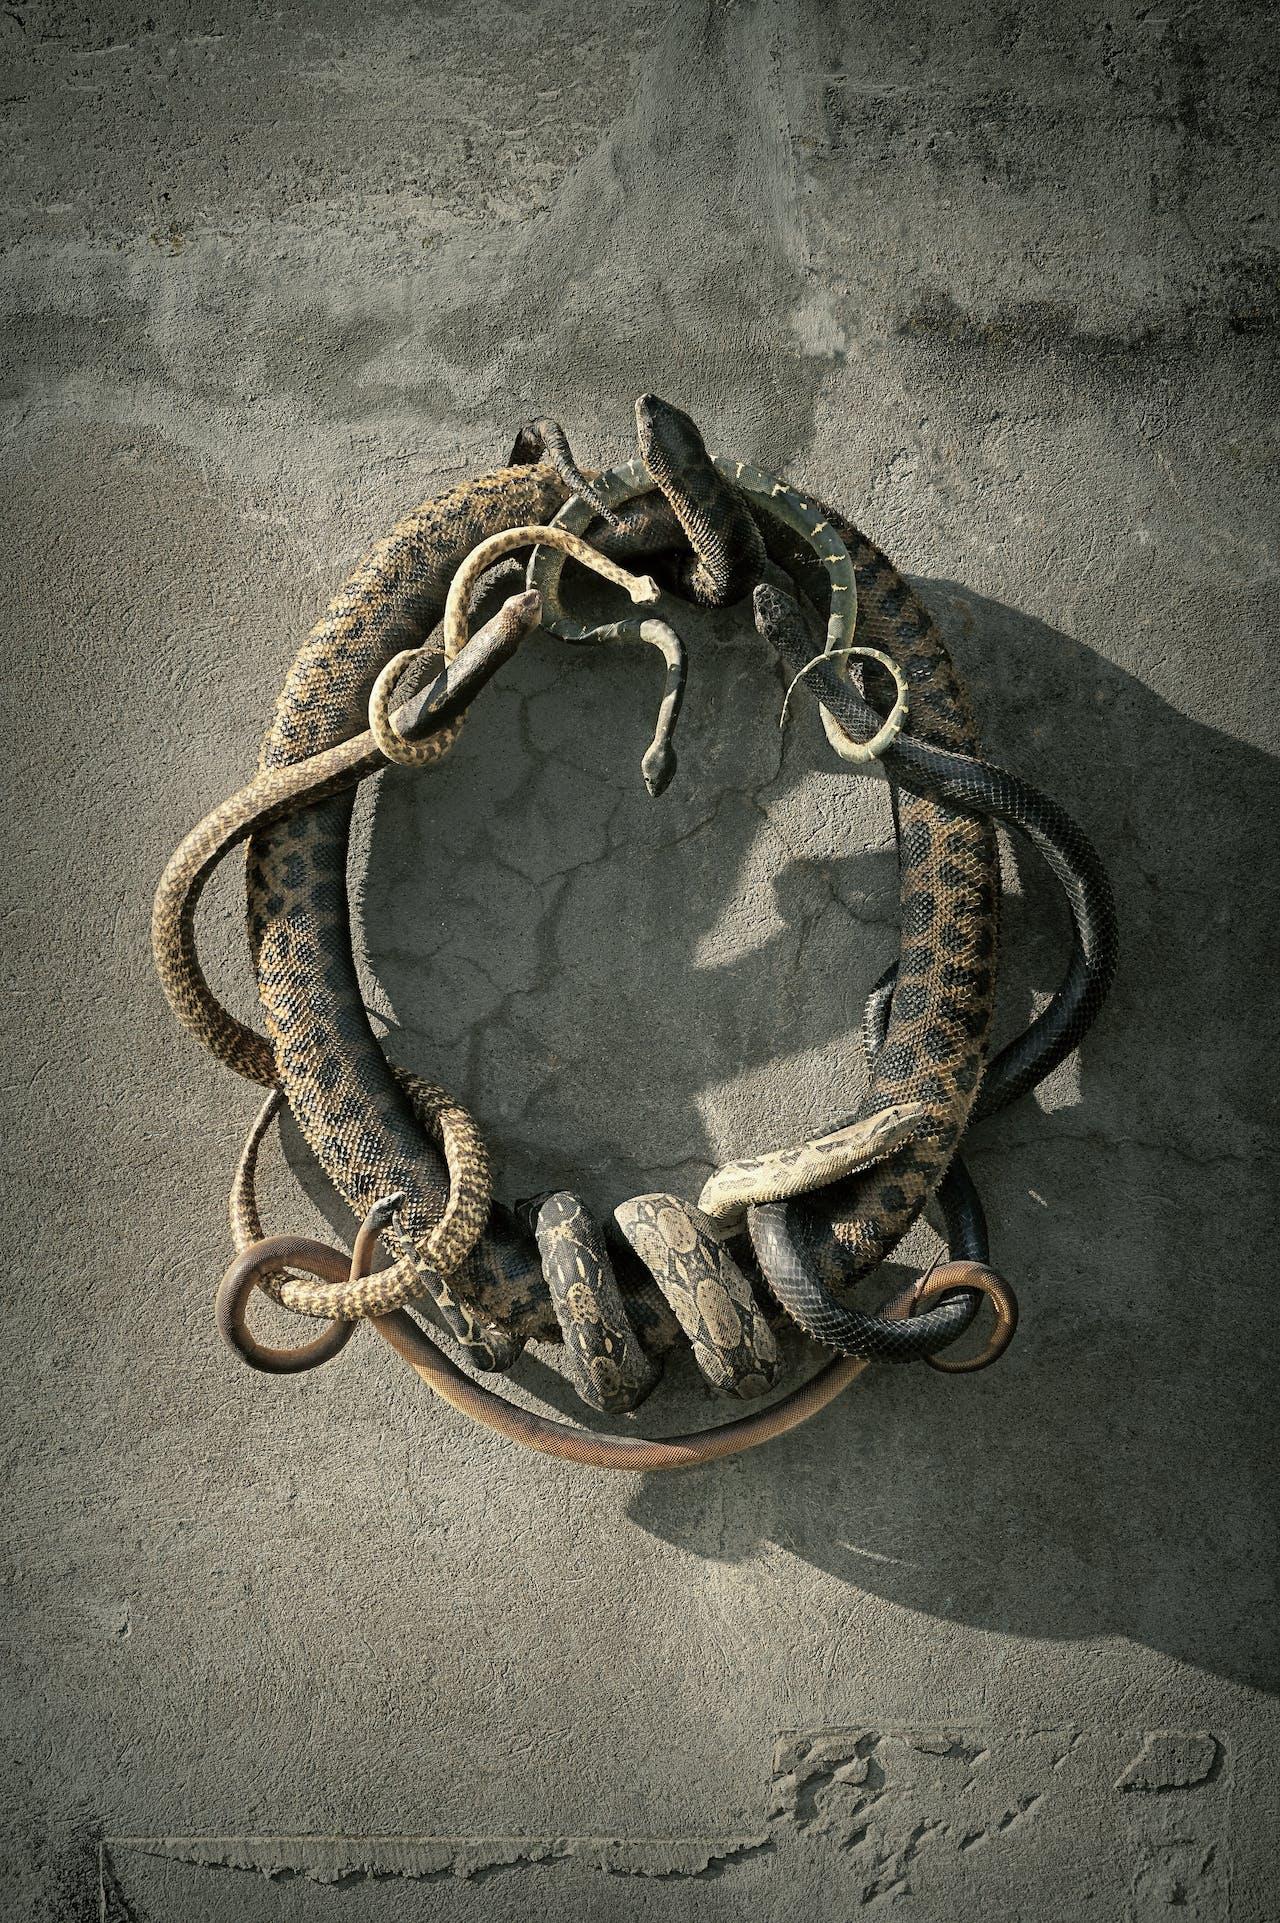 'Snake Heraldry', 2015, voor de expositie geleend van Damien Hirst, is een compositie van de zeven dodelijkste slangen ter wereld.